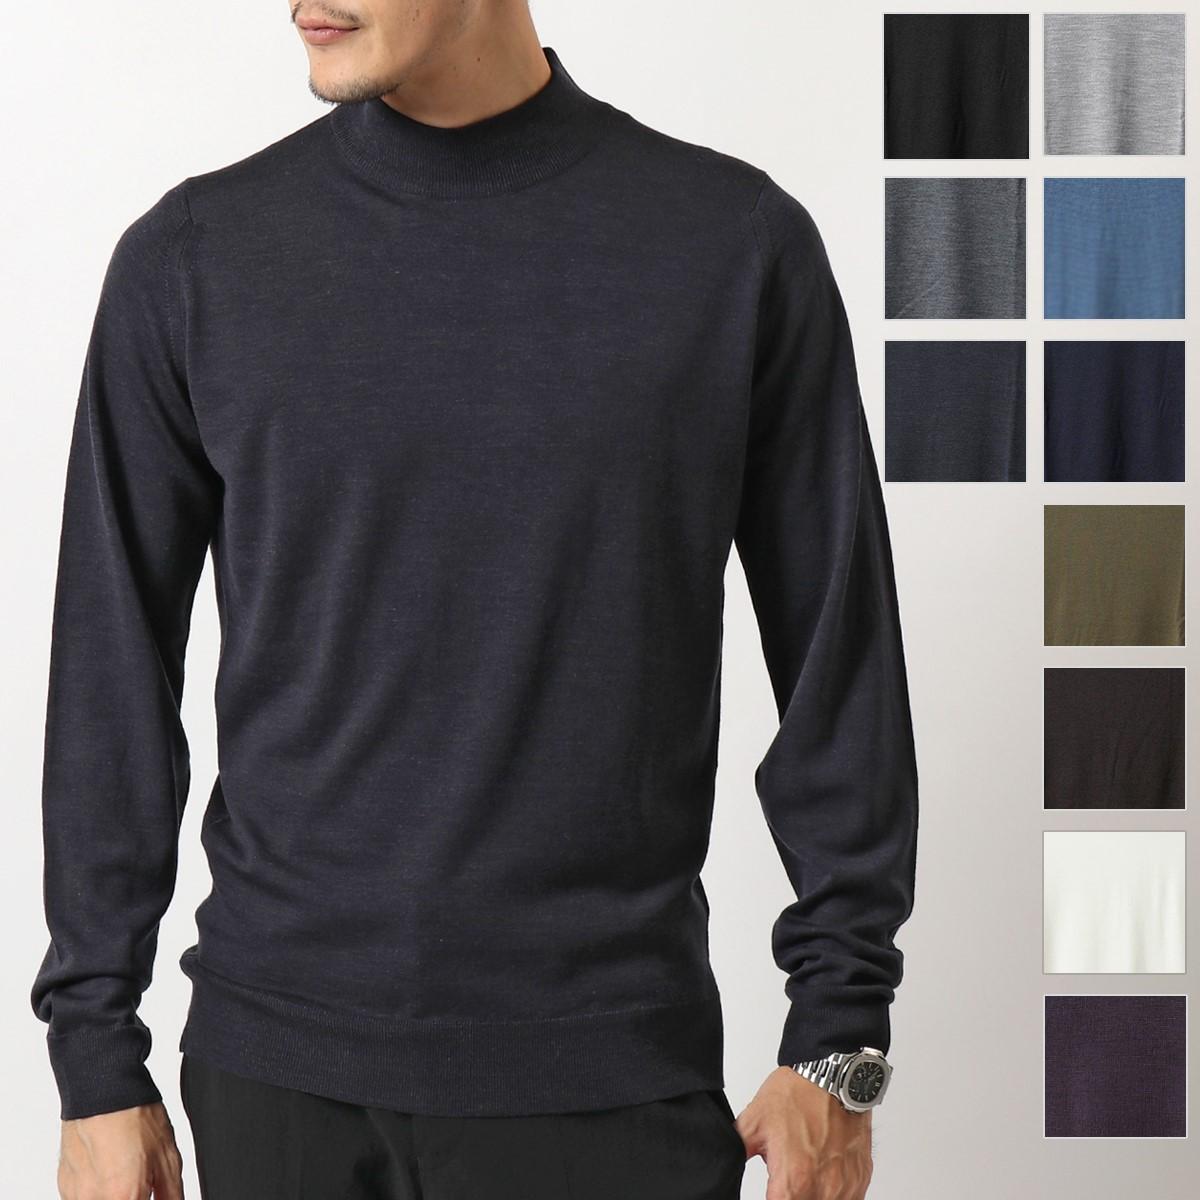 JOHN SMEDLEY ジョンスメドレー HARCOURT ハーコート STANDARD FIT カラー8色 メリノウール モックネック ニット セーター メンズ